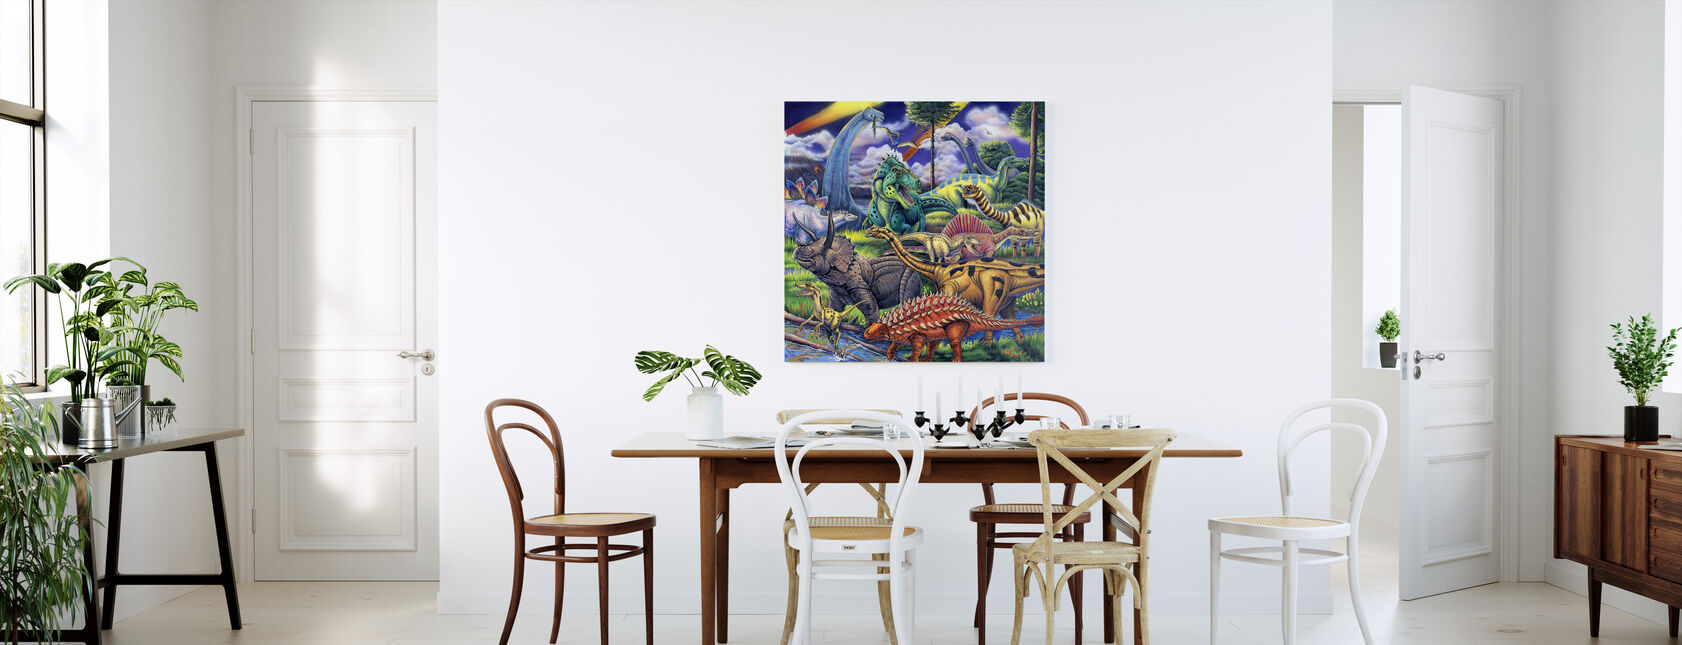 Dinosaur Venner - Billede på lærred - Køkken